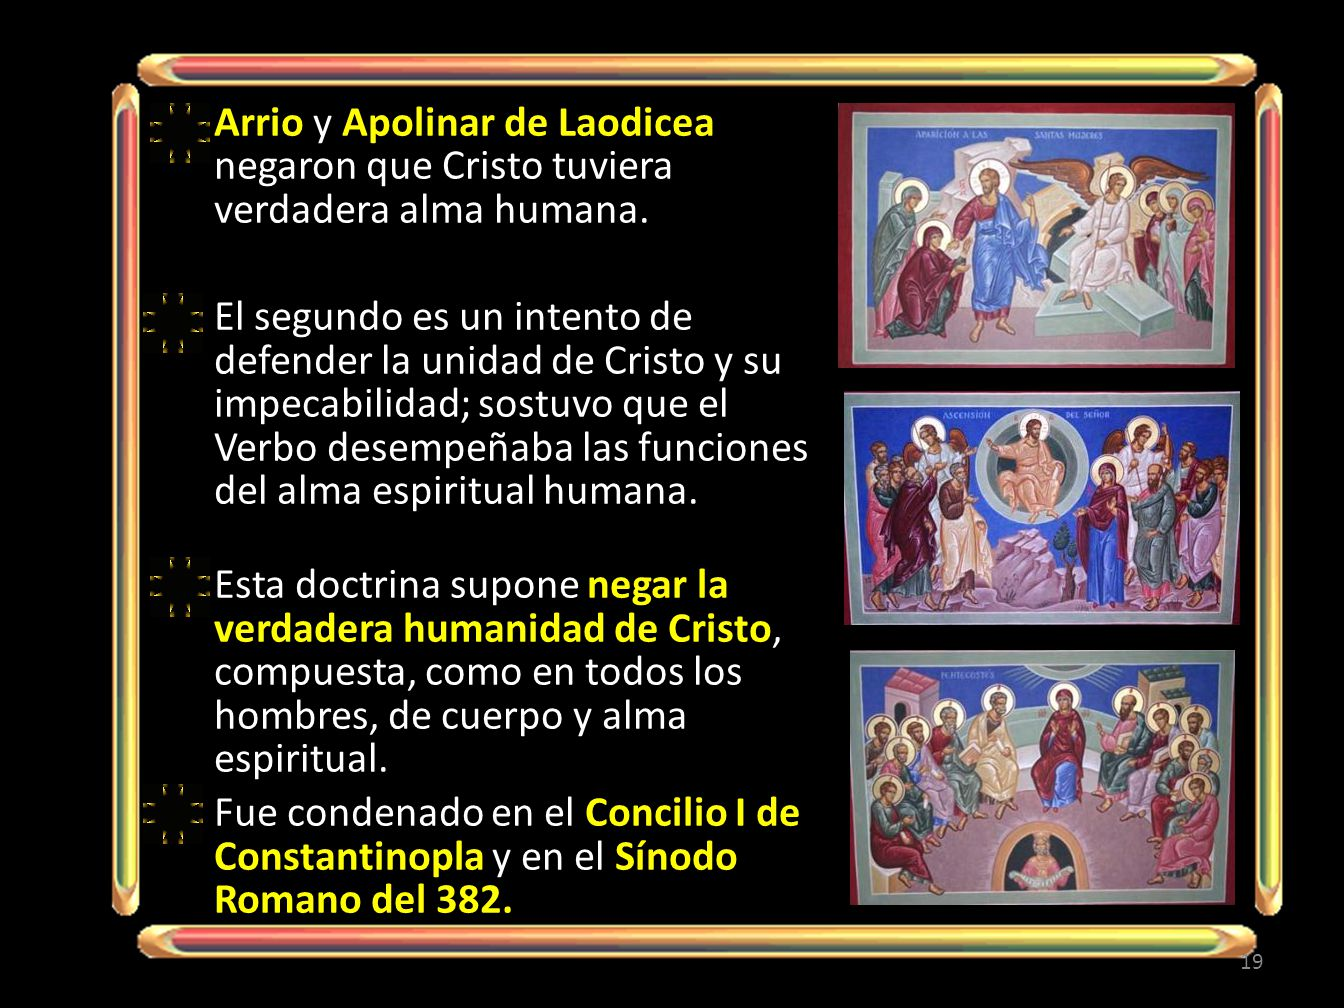 Arrio y Apolinar de Laodicea negaron que Cristo tuviera verdadera alma humana. El segundo es un intento de defender la unidad de Cristo y su impecabil